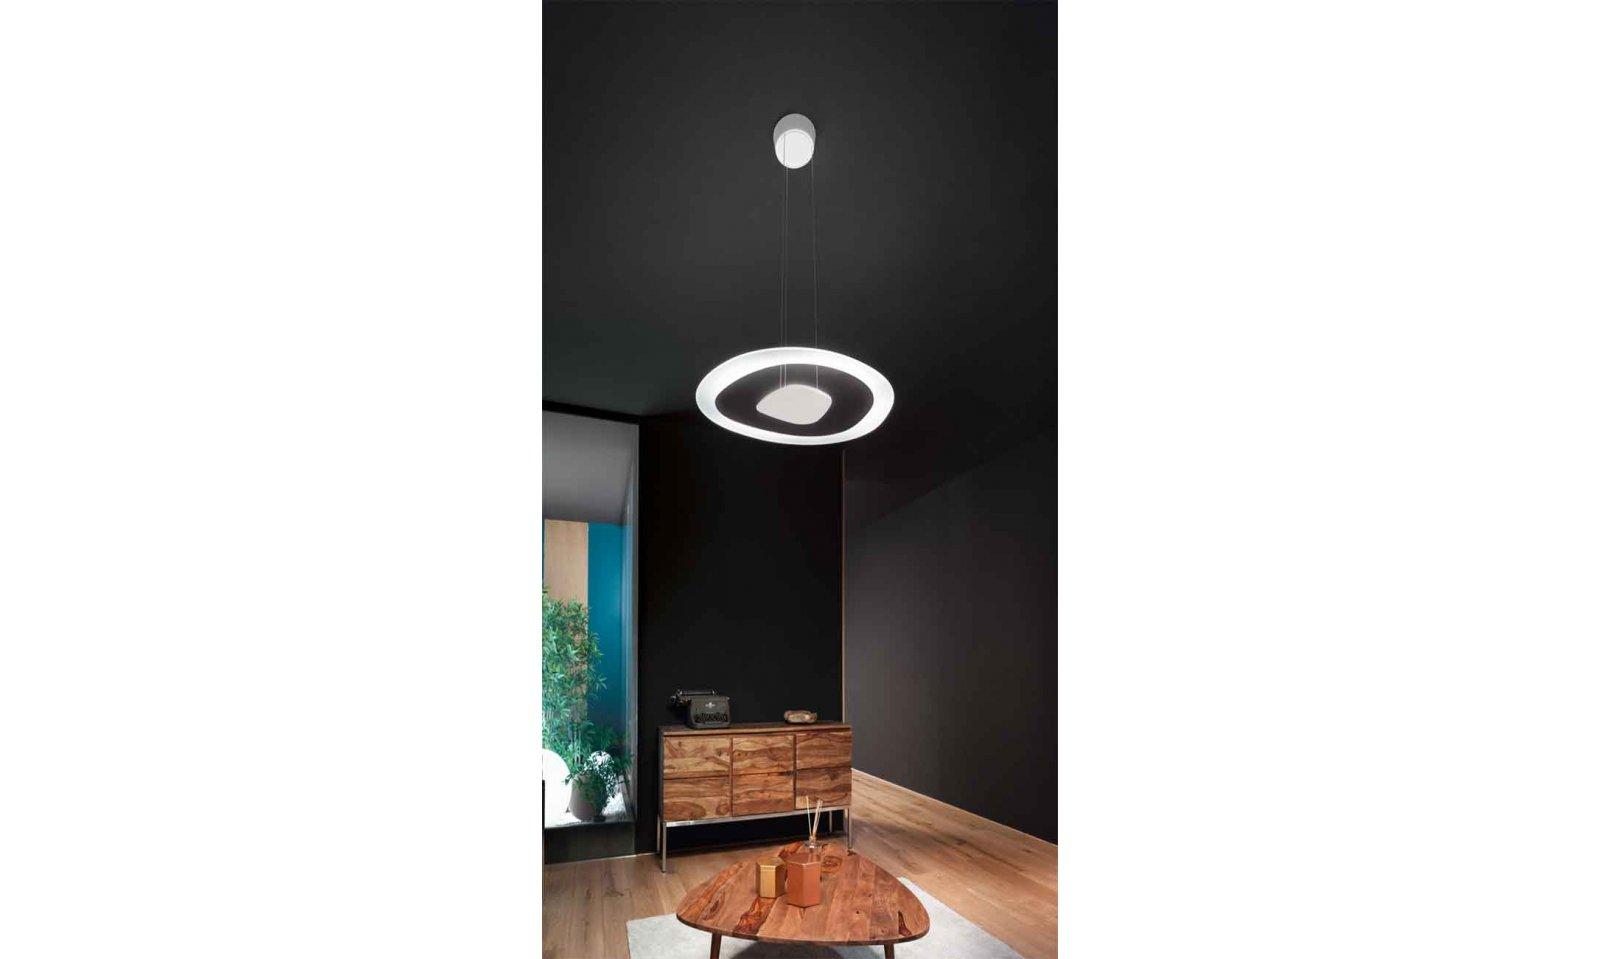 Linea light sospensione antigua led lampada a sospensione led